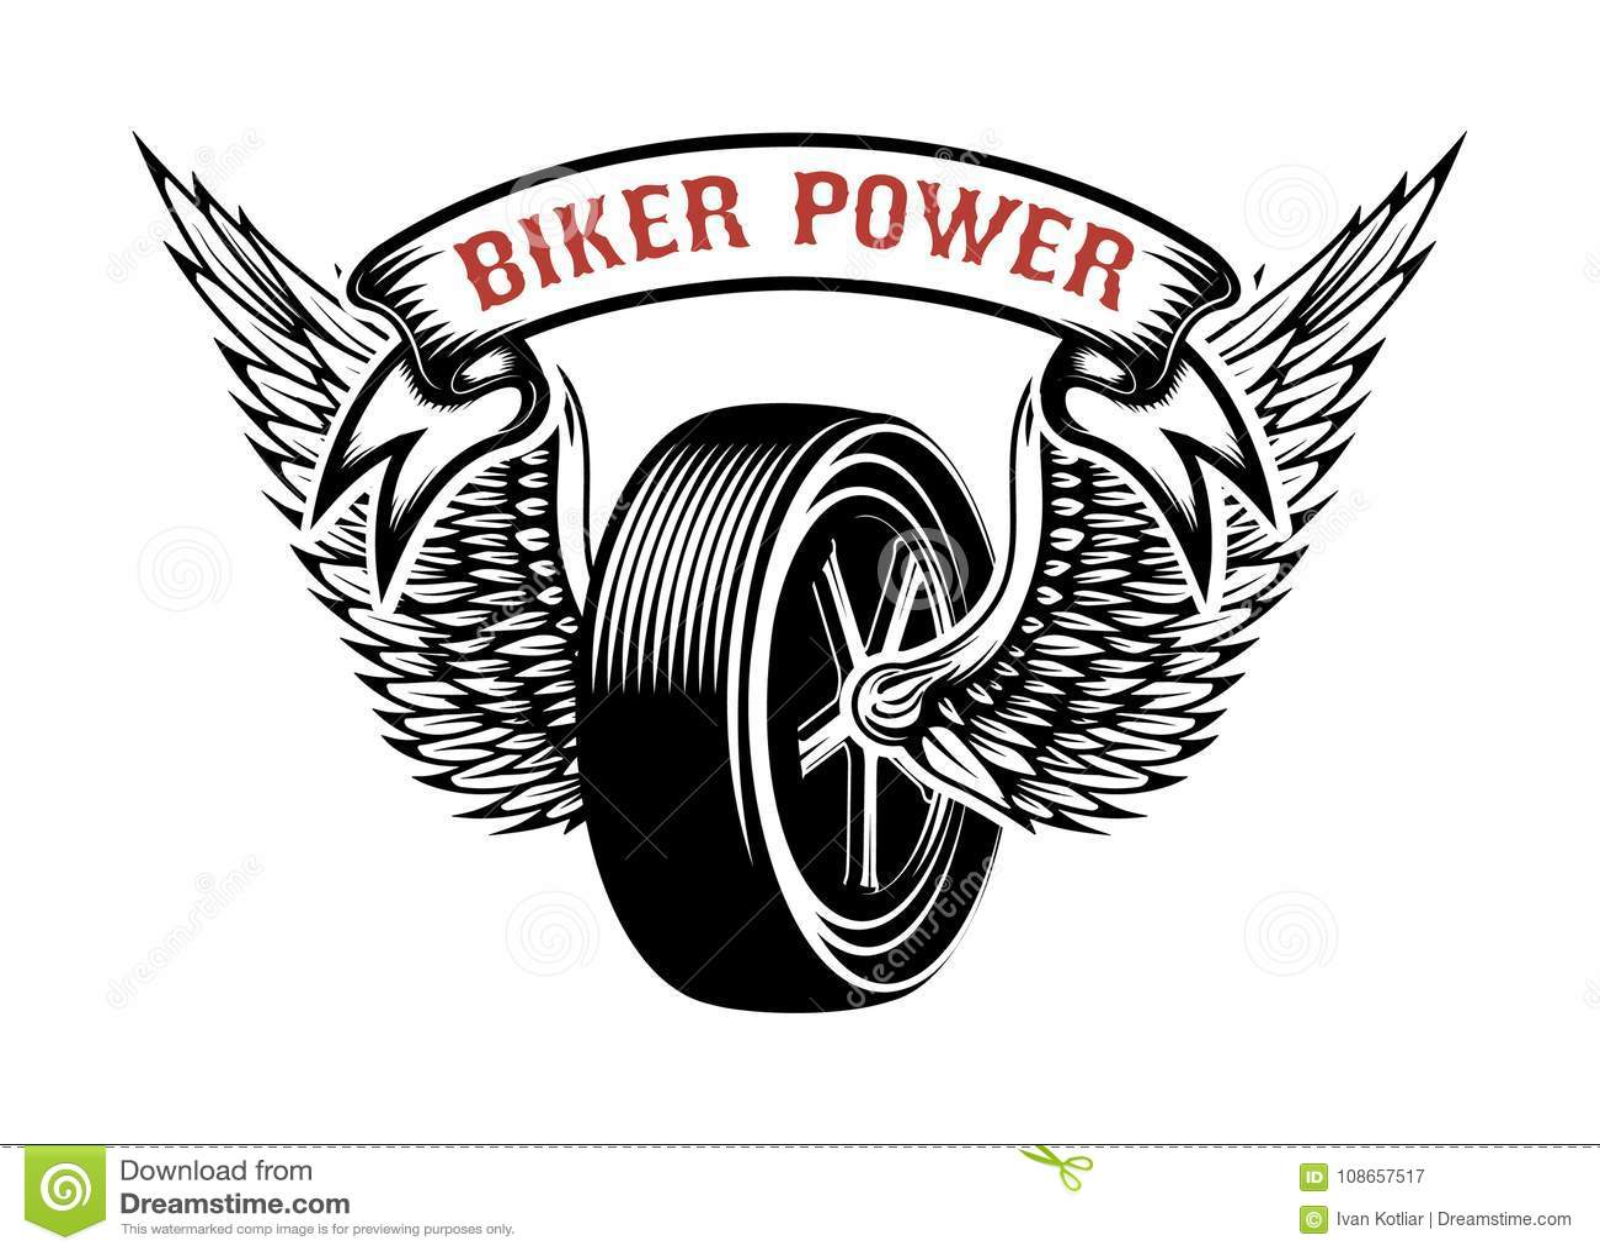 Δύναμη ποδηλατών Έμβλημα με τη φτερωτή ρόδα Στοιχείο σχεδίου για το λογότυπο, ετικέτα, έμβλημα, σημάδι